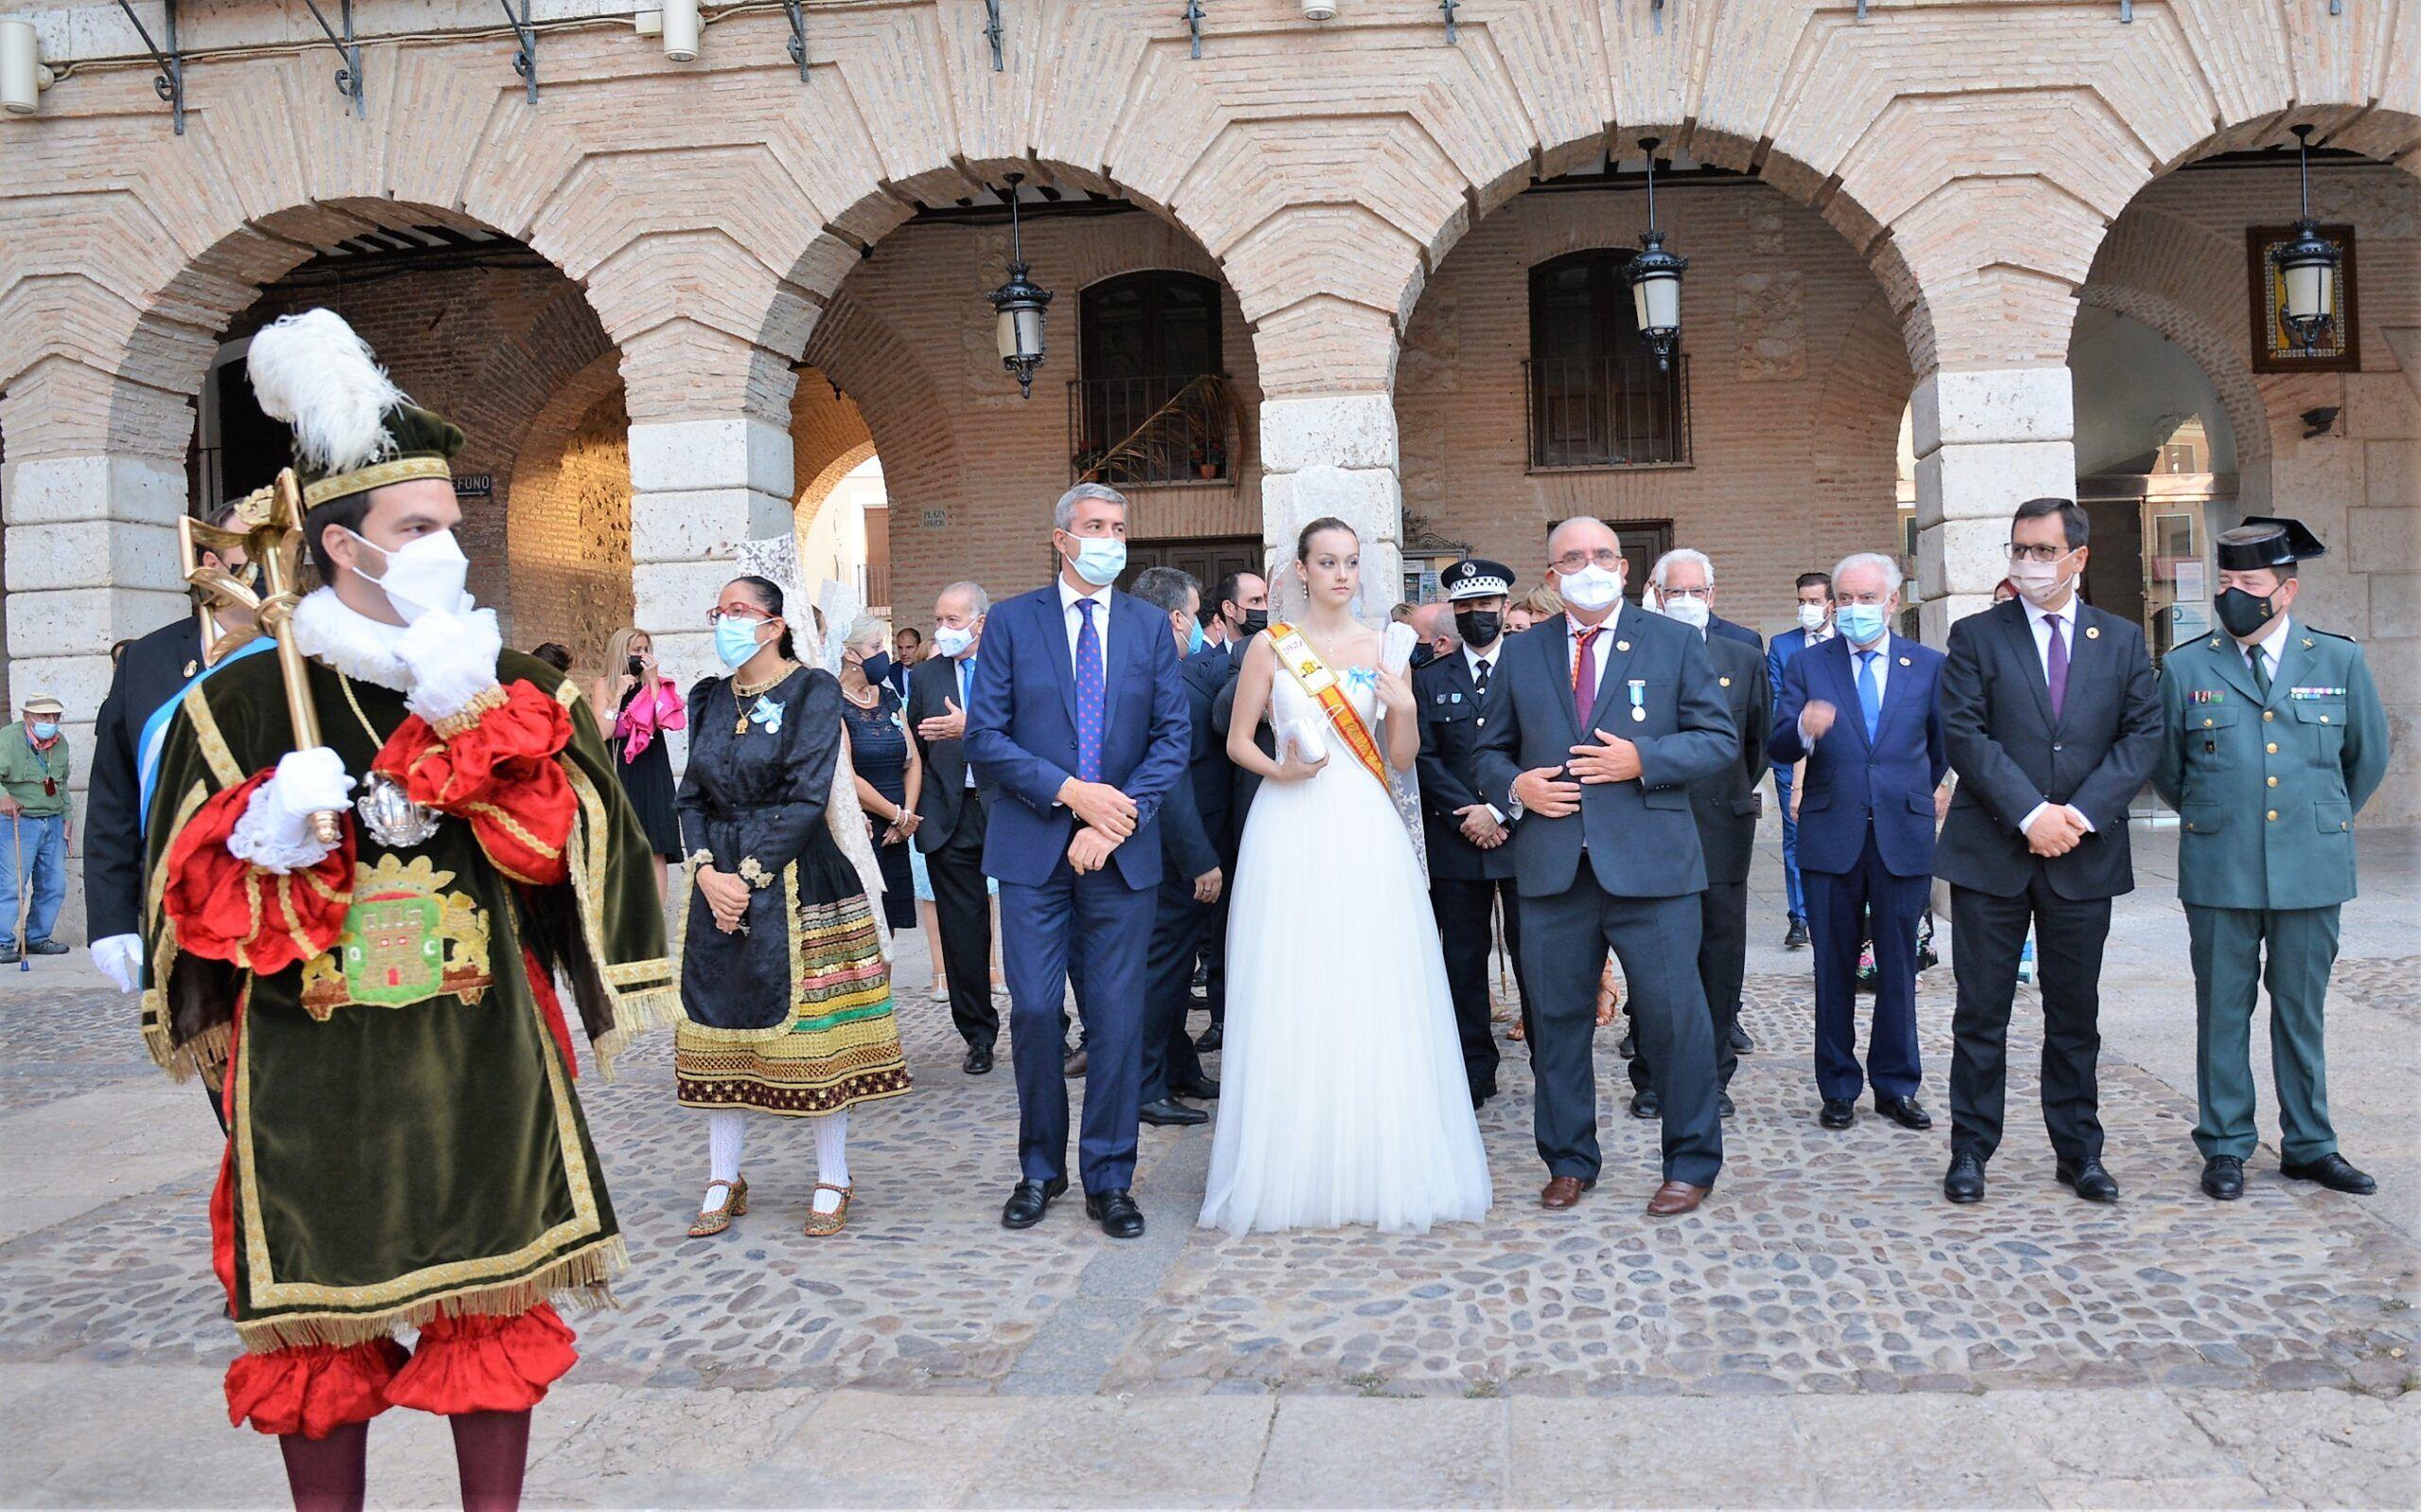 Álvaro Gutiérrez comparte la esperada Procesión de la Virgen de los Remedios en el día grande de las fiestas de Ocaña